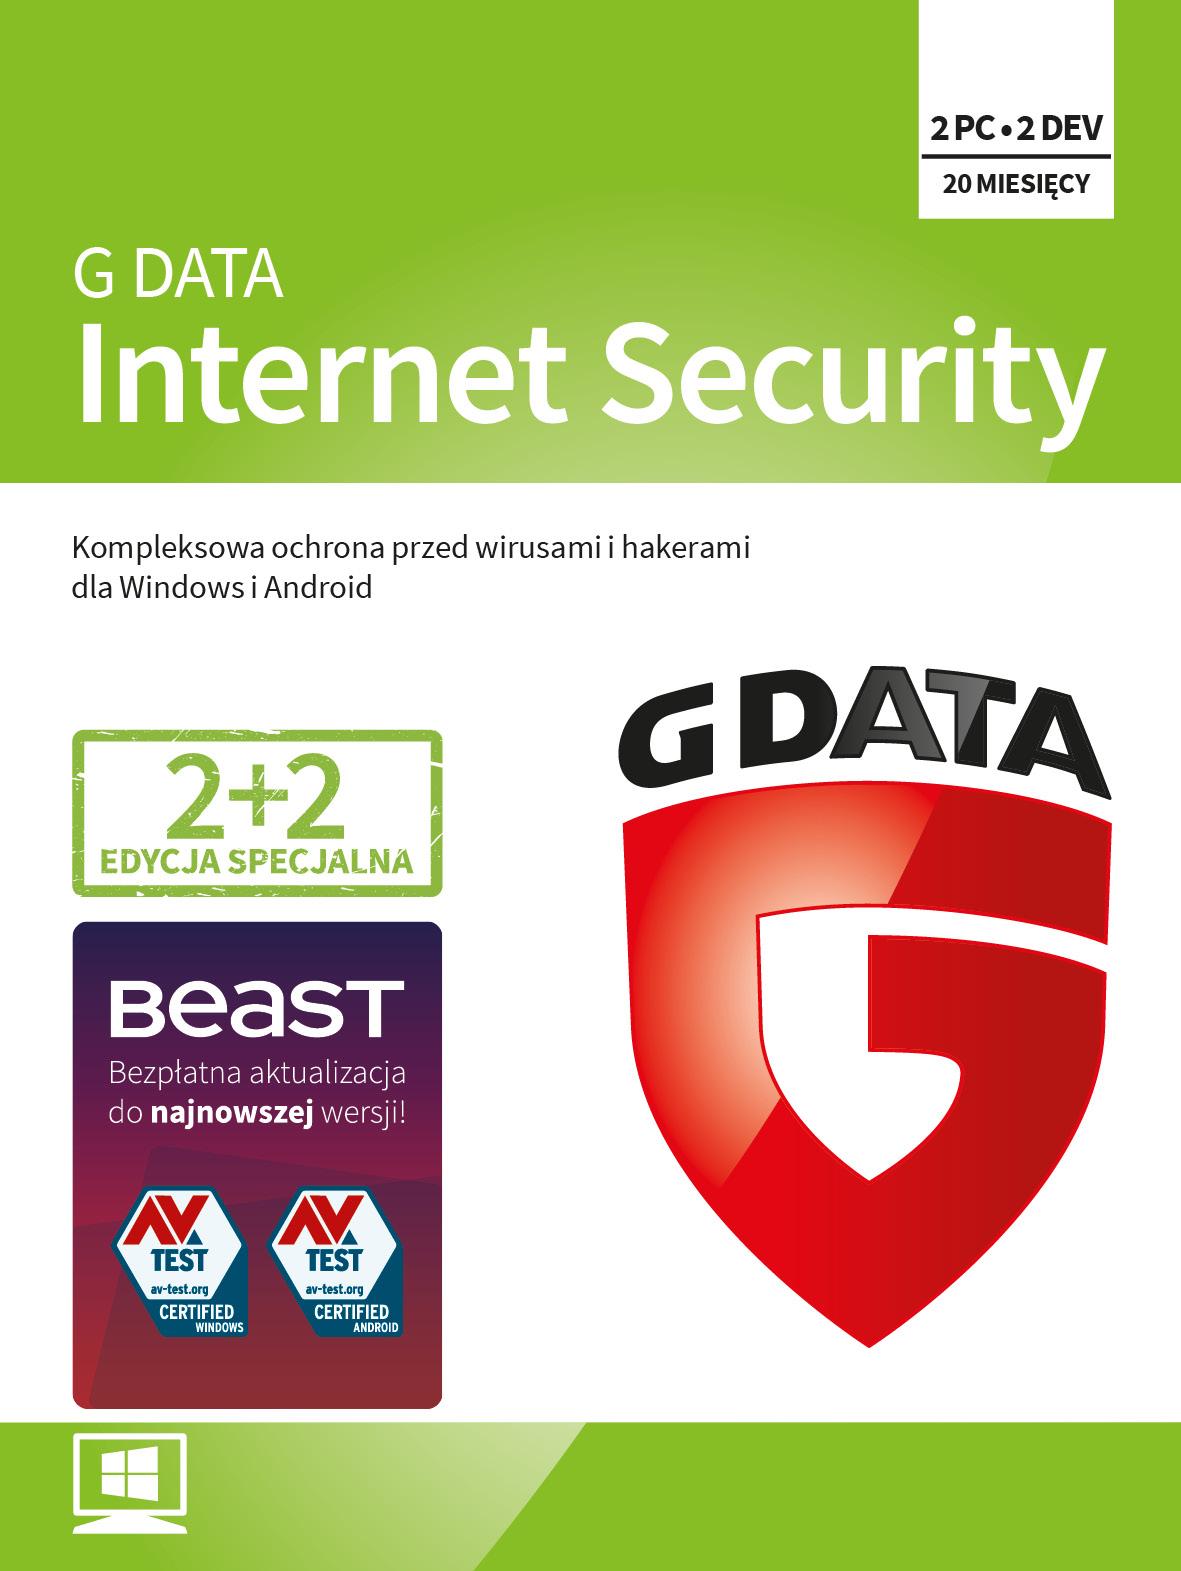 Program Antywirusowy G DATA Internet Security 20 miesięcy (4 użytkowników)